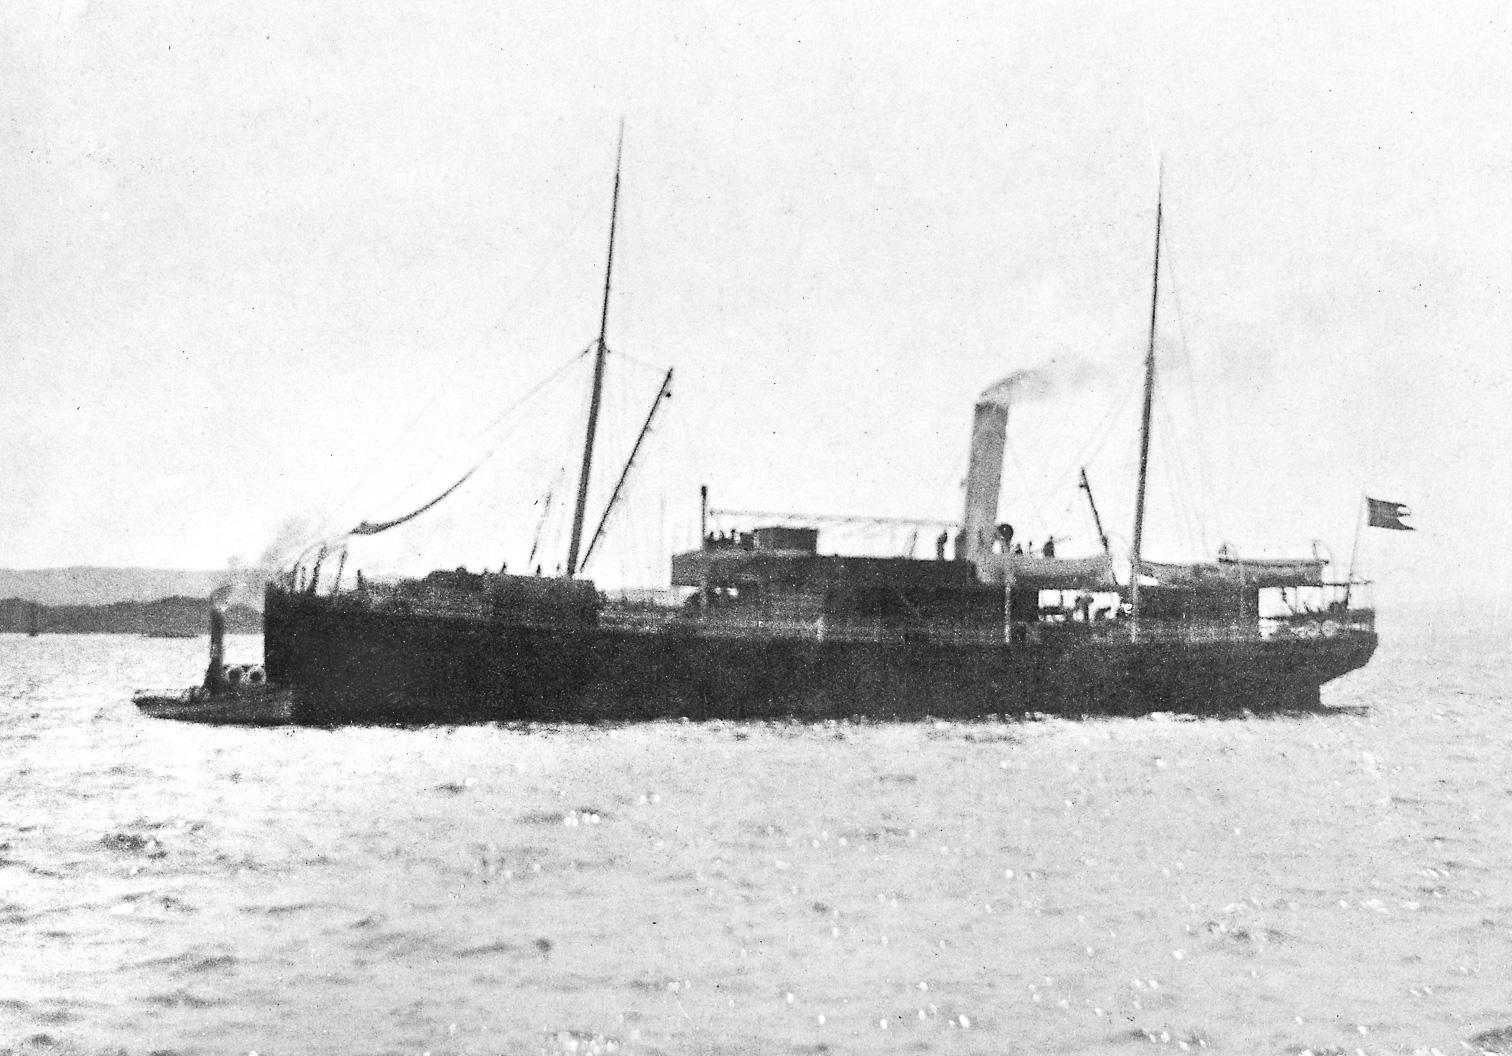 SS Lindholmen